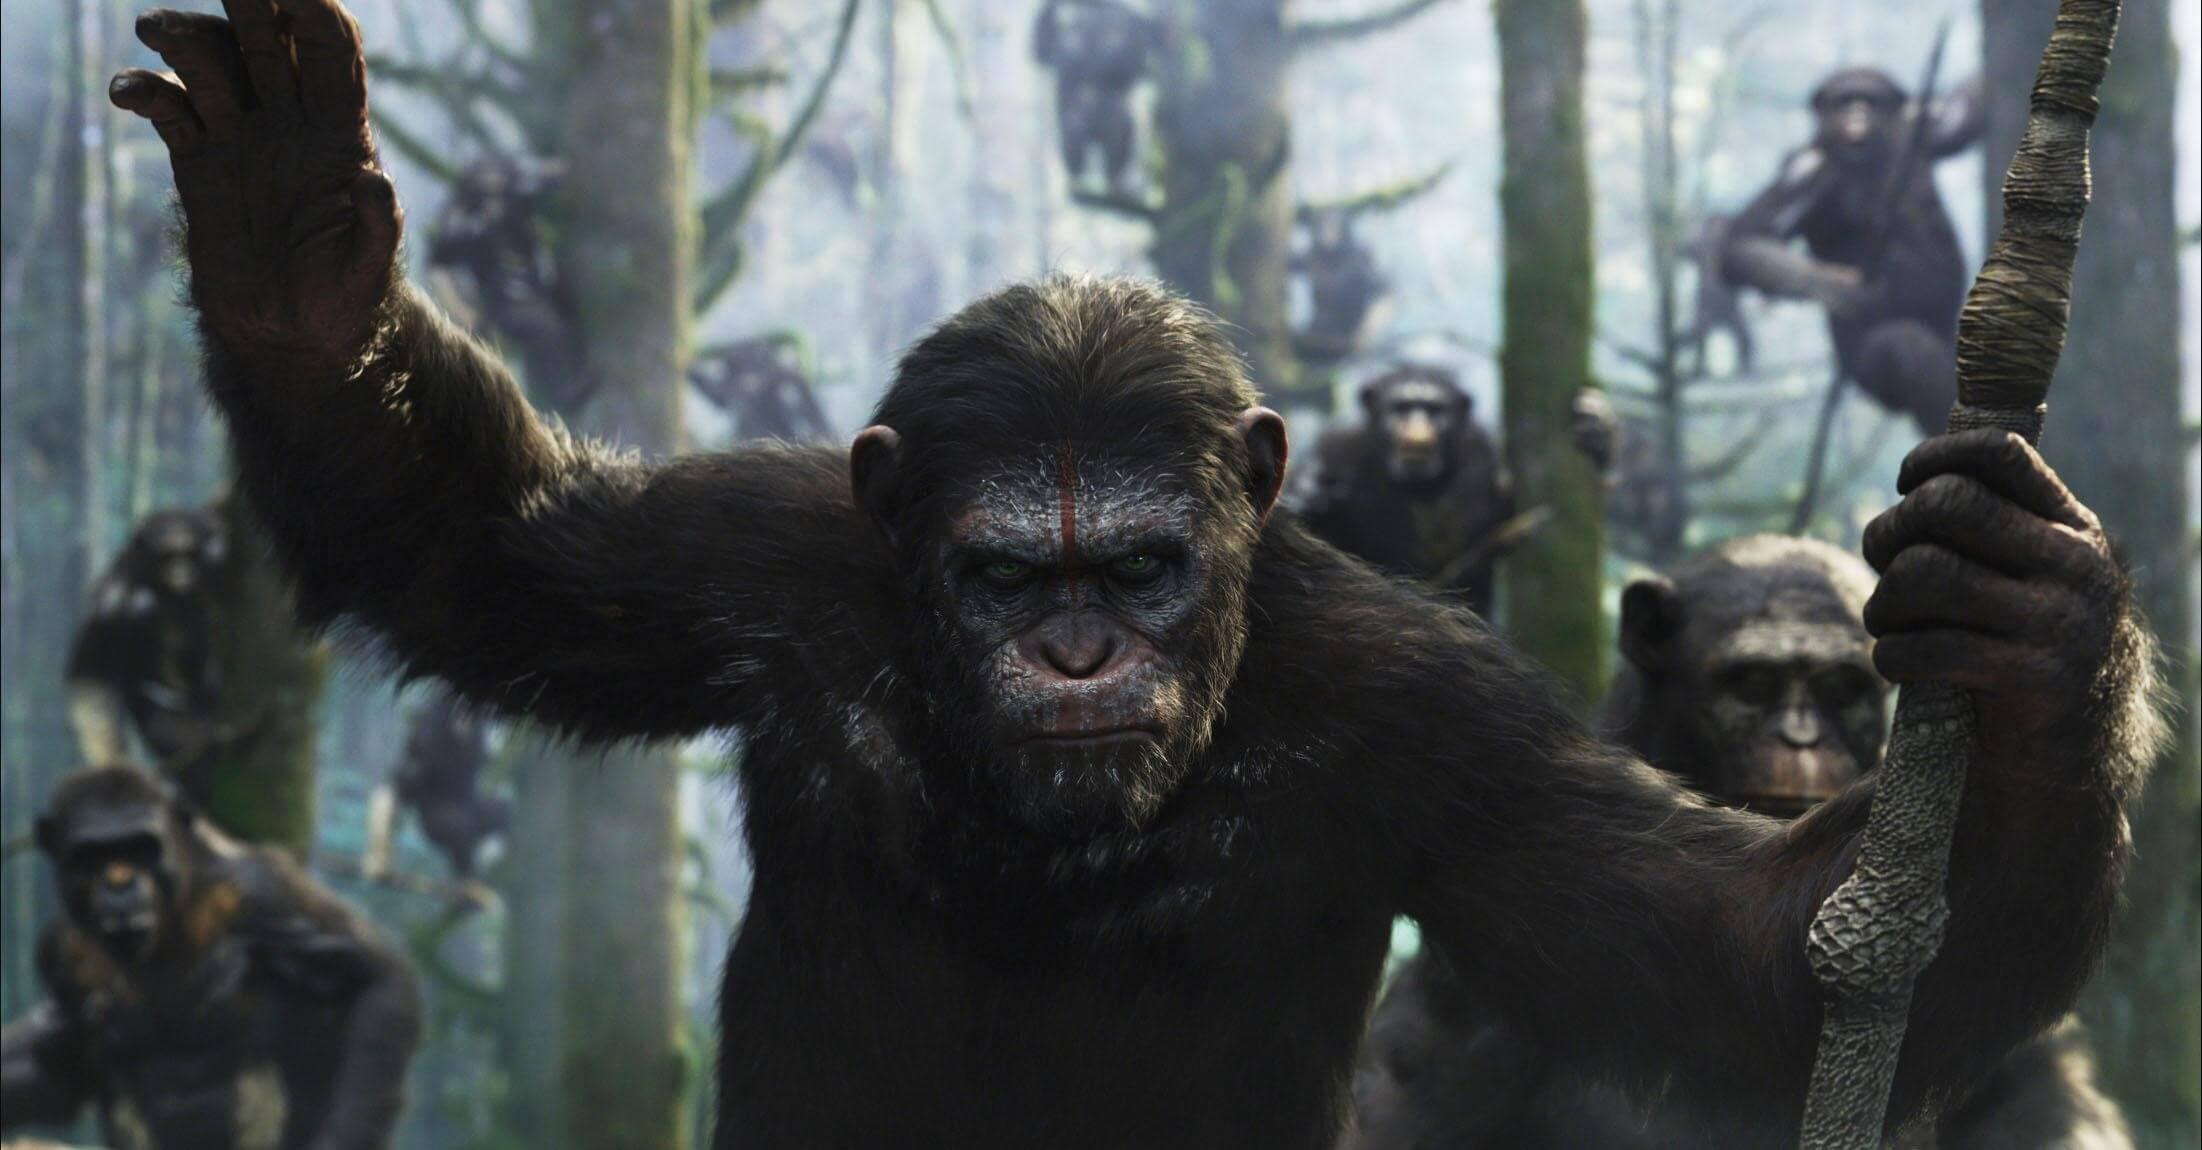 《 猩球崛起 》當中也有類似的議題讓觀眾反思。